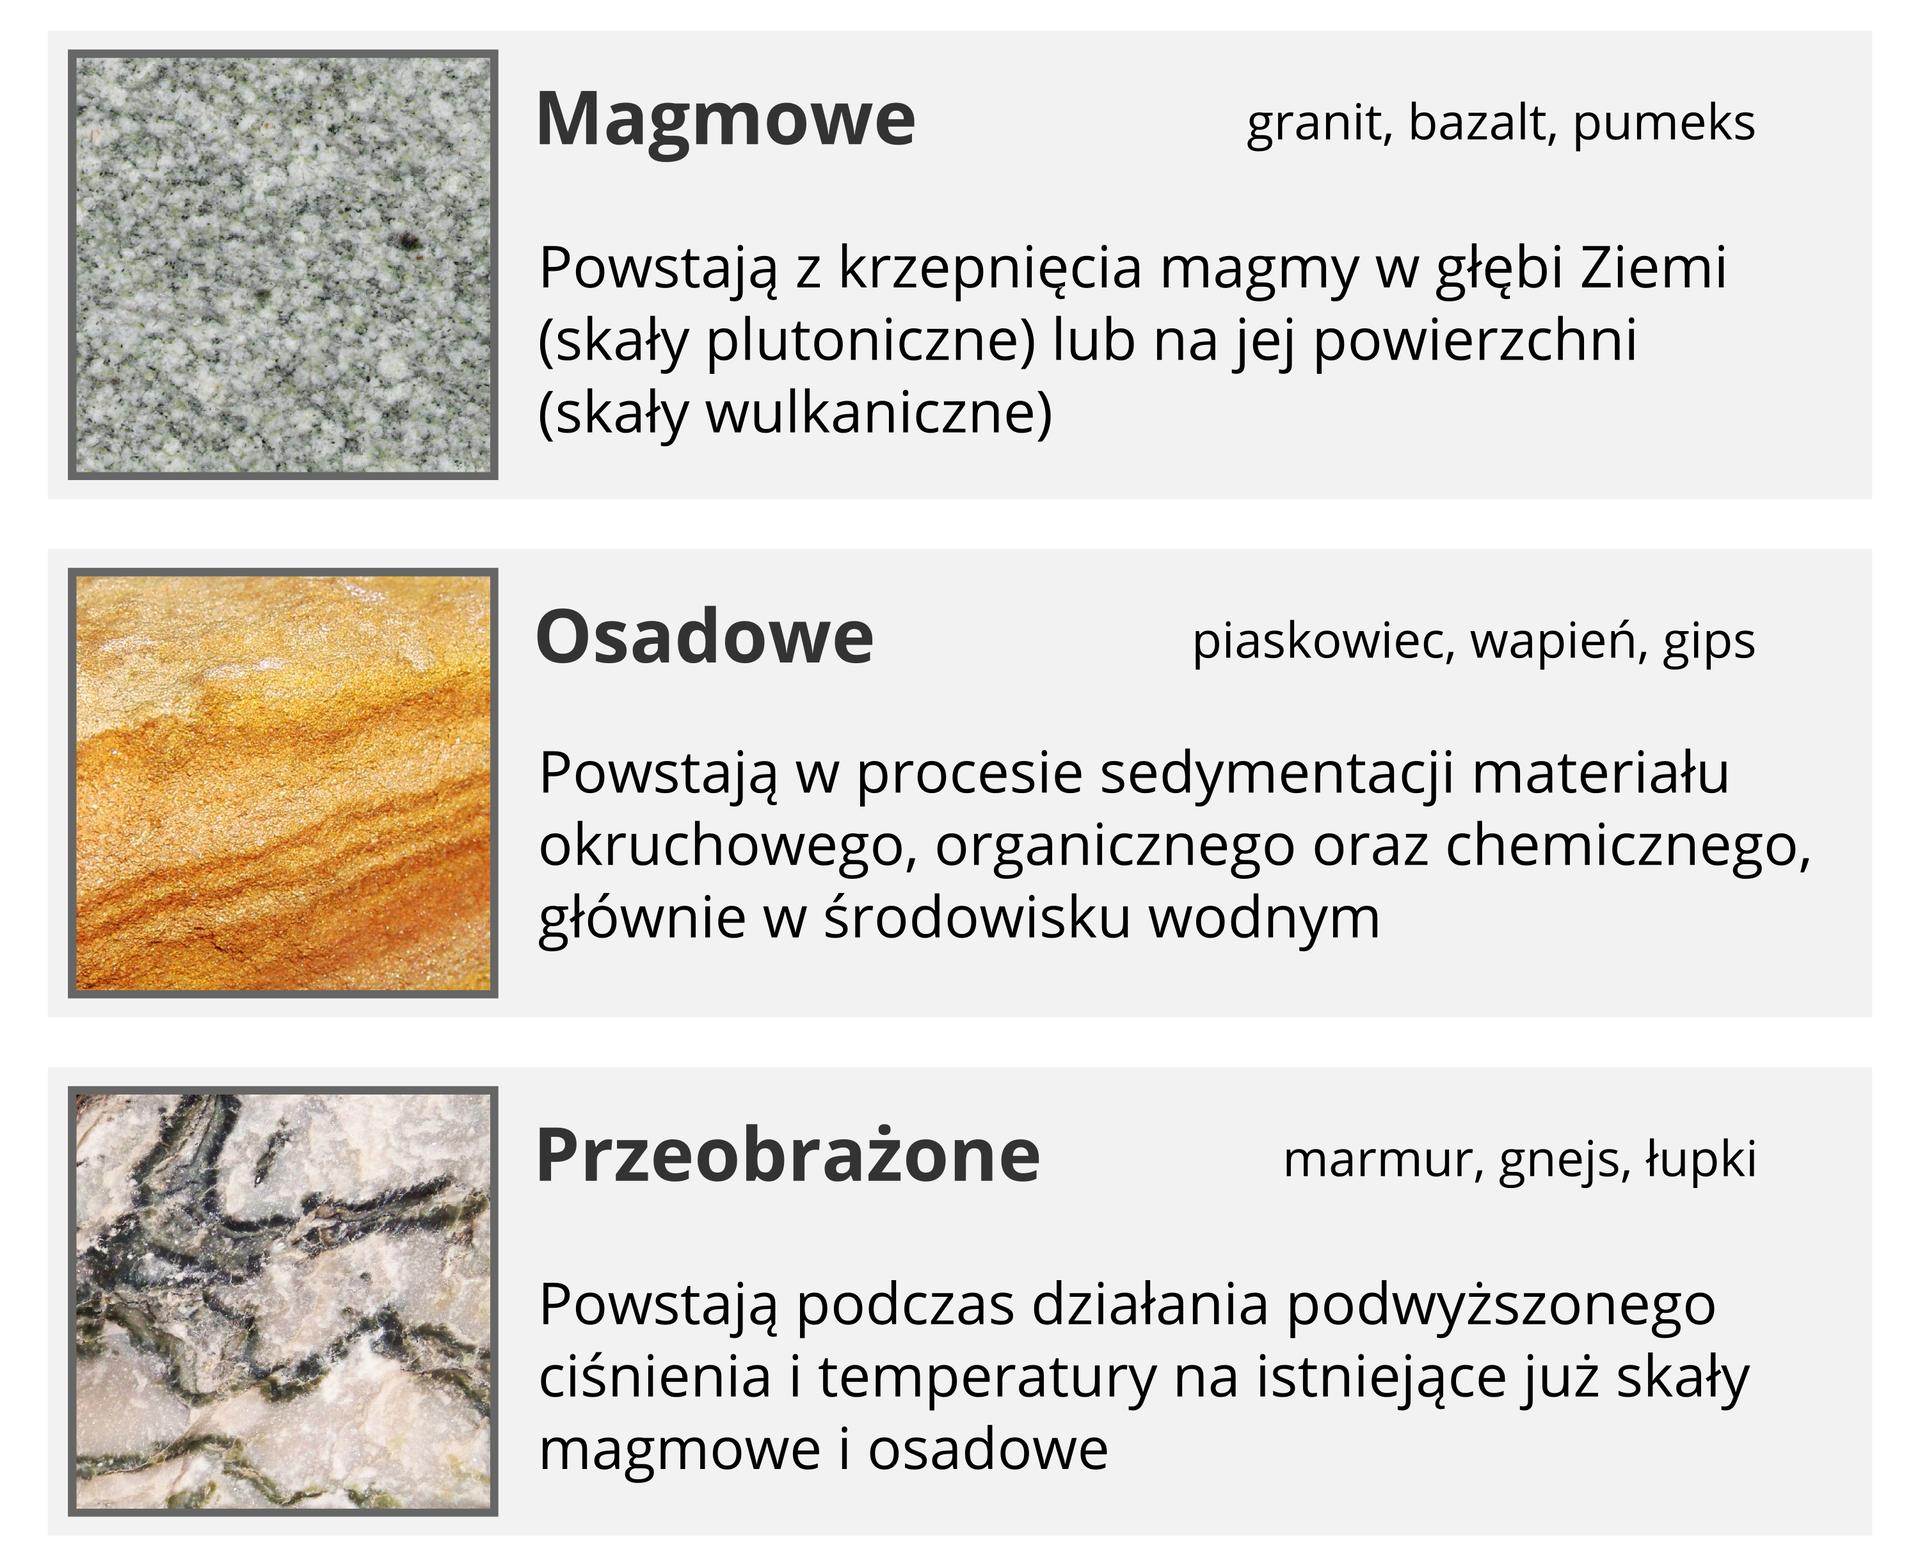 Ilustracja przedstawia podział skał ze względu na sposób powstawania wraz zilustracjami poglądowymi oraz przykładami. Pierwsza grupa to skały magmowe, takie jak granit, bazalt ipumeks, powstające zkrzepnięcia magmy wgłębi Ziemi lub na jej powierzchni. Drugi rodzaj, to skały osadowe, takie jak piaskowiec, wapień igips powstające wprocesie sedymentacji materiału, najczęściej wśrodowisku wodnym. Itrzecia, ostatnia grupa to skały przeobrażone, takie jak marmur, gnejs iłupki powstałe wwyniku działania wysokiego ciśnienia itemperatury na skały już istniejące.